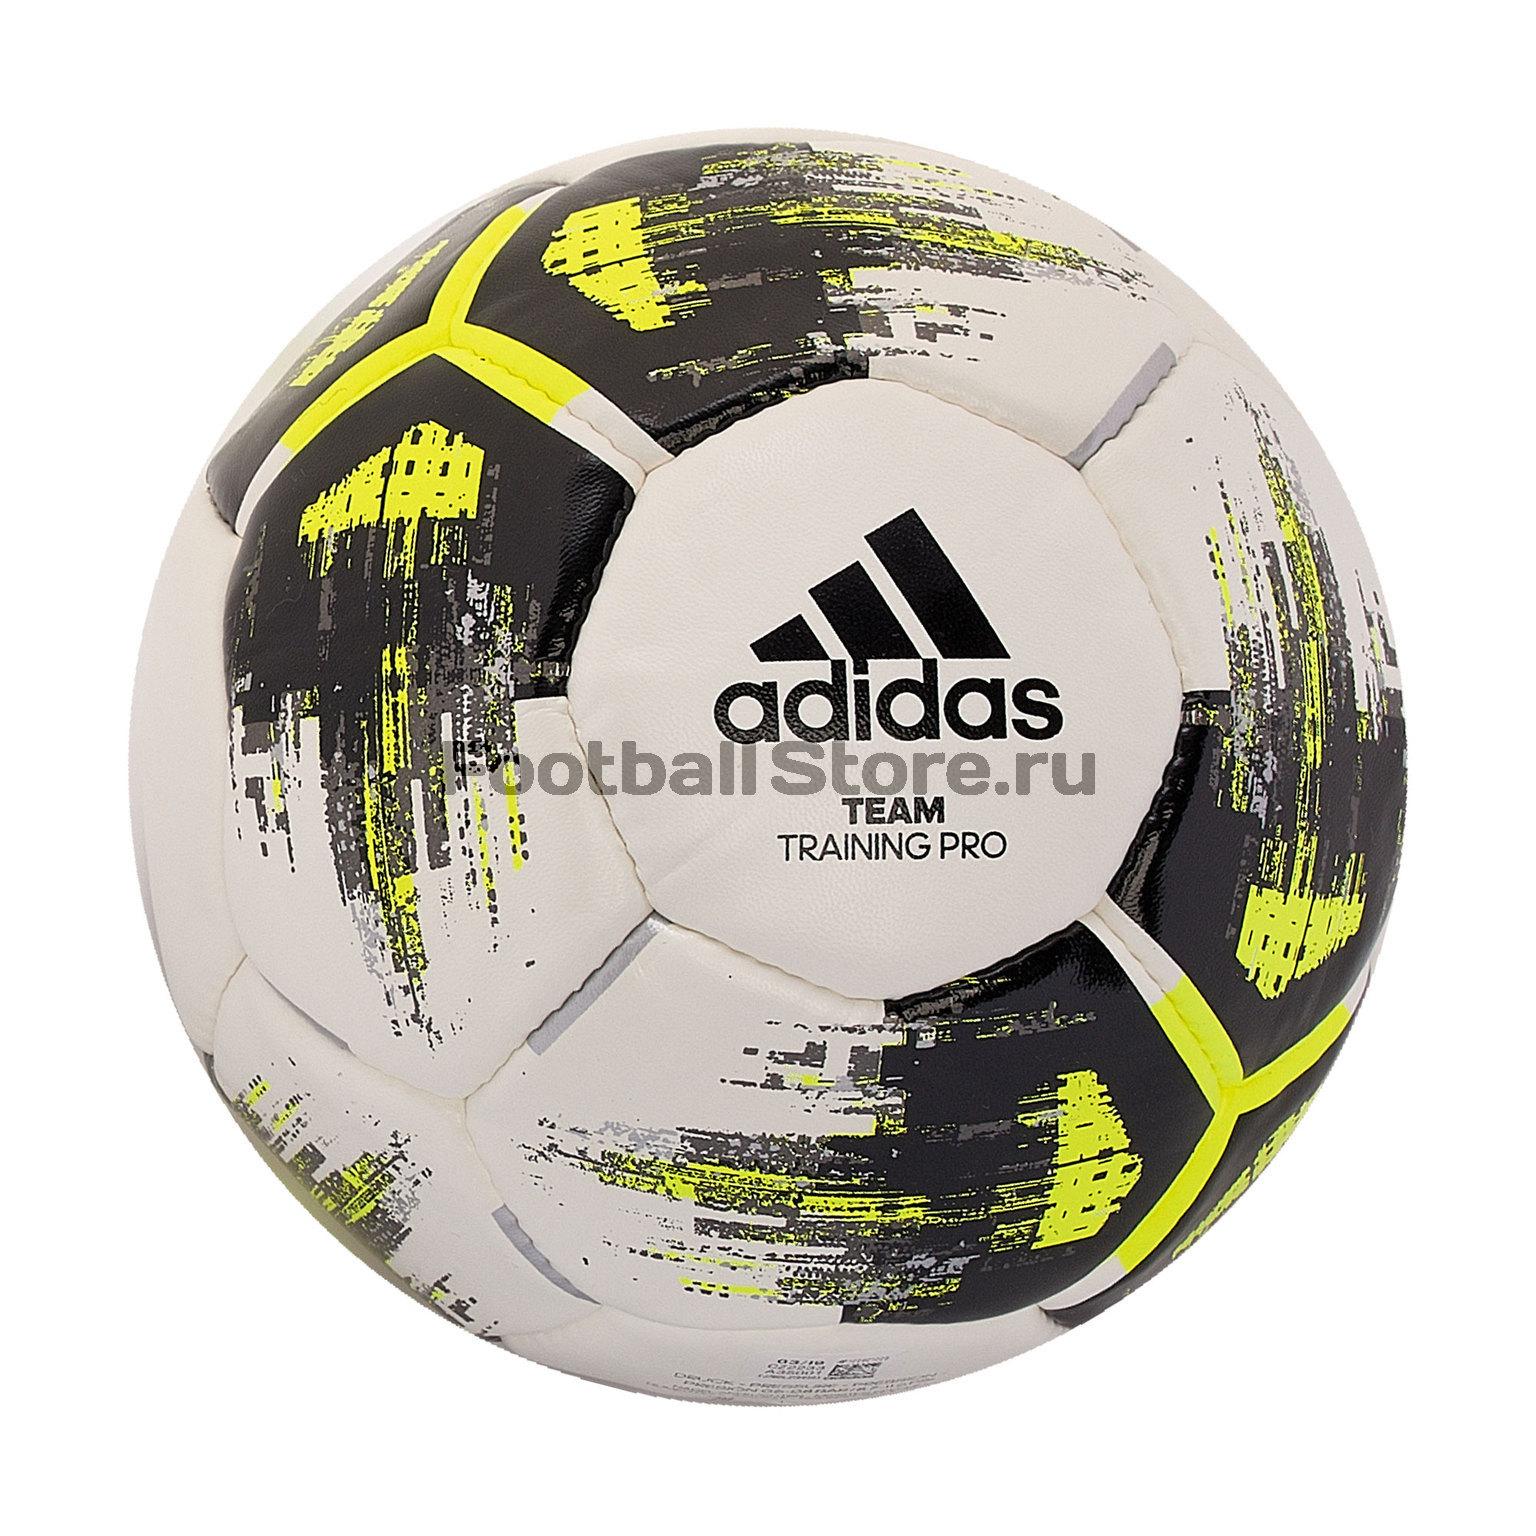 Футбольный мяч Adidas Team Training CZ2233